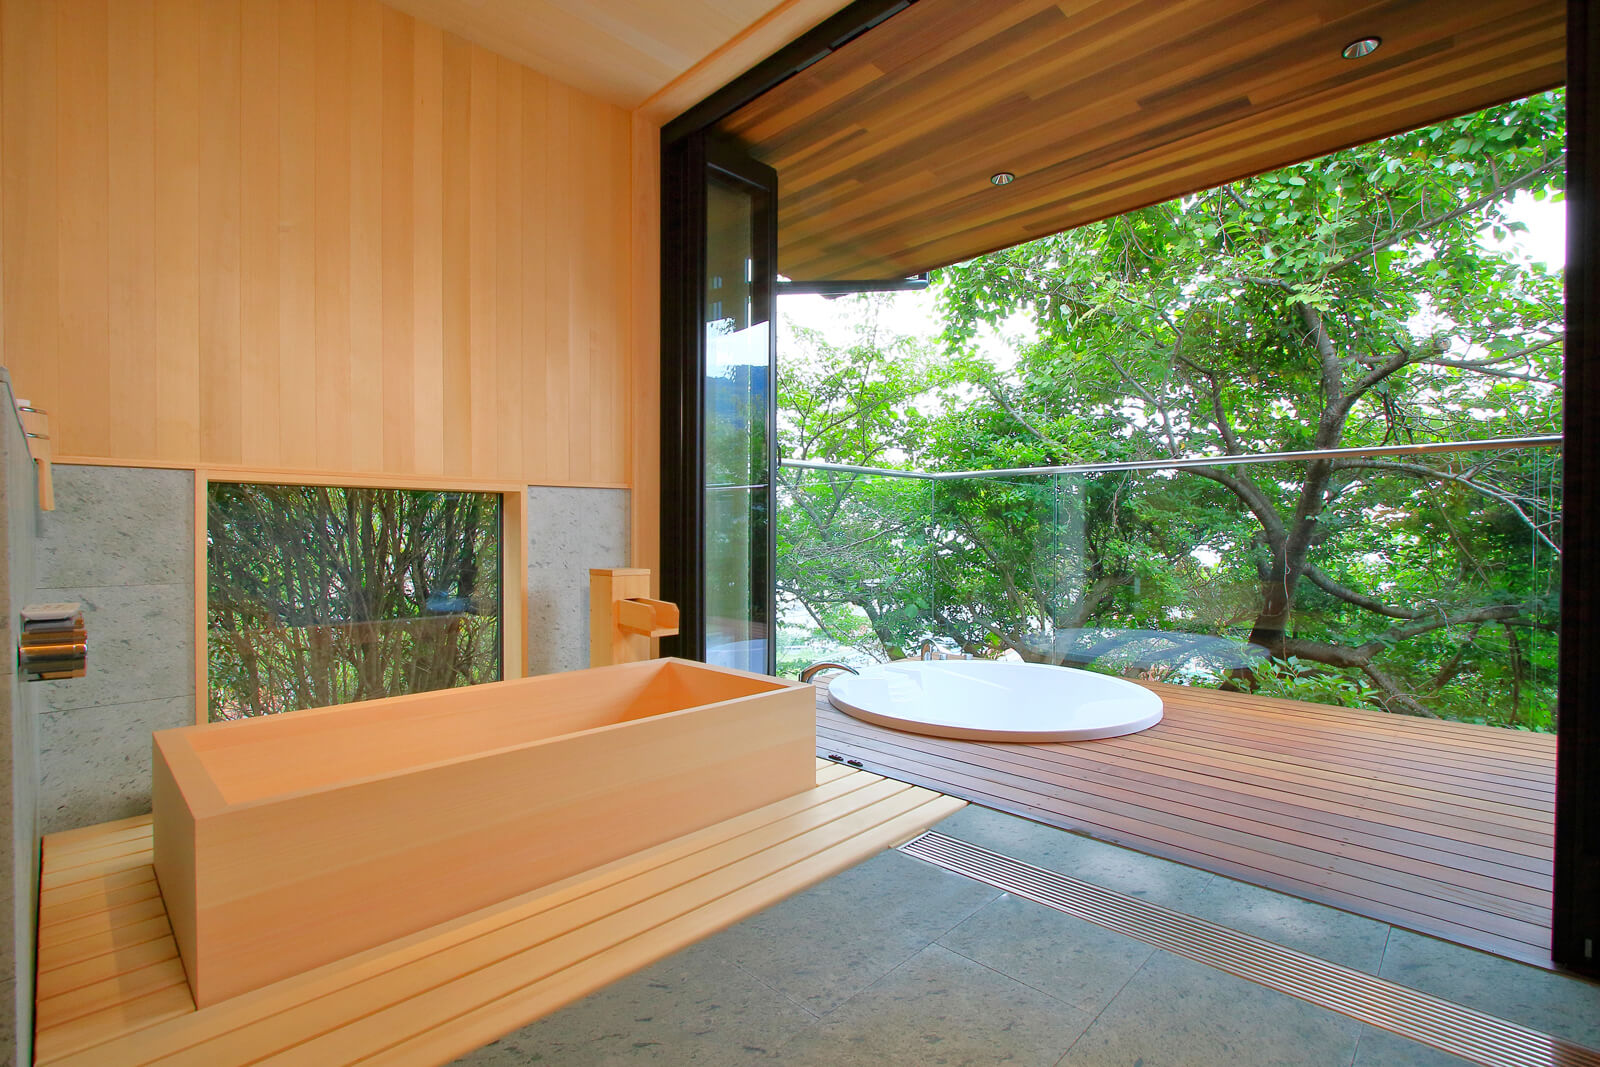 ヒノキの内風呂は温泉。ジャグジーからは、美しい眺望と、春には桜を楽しめる